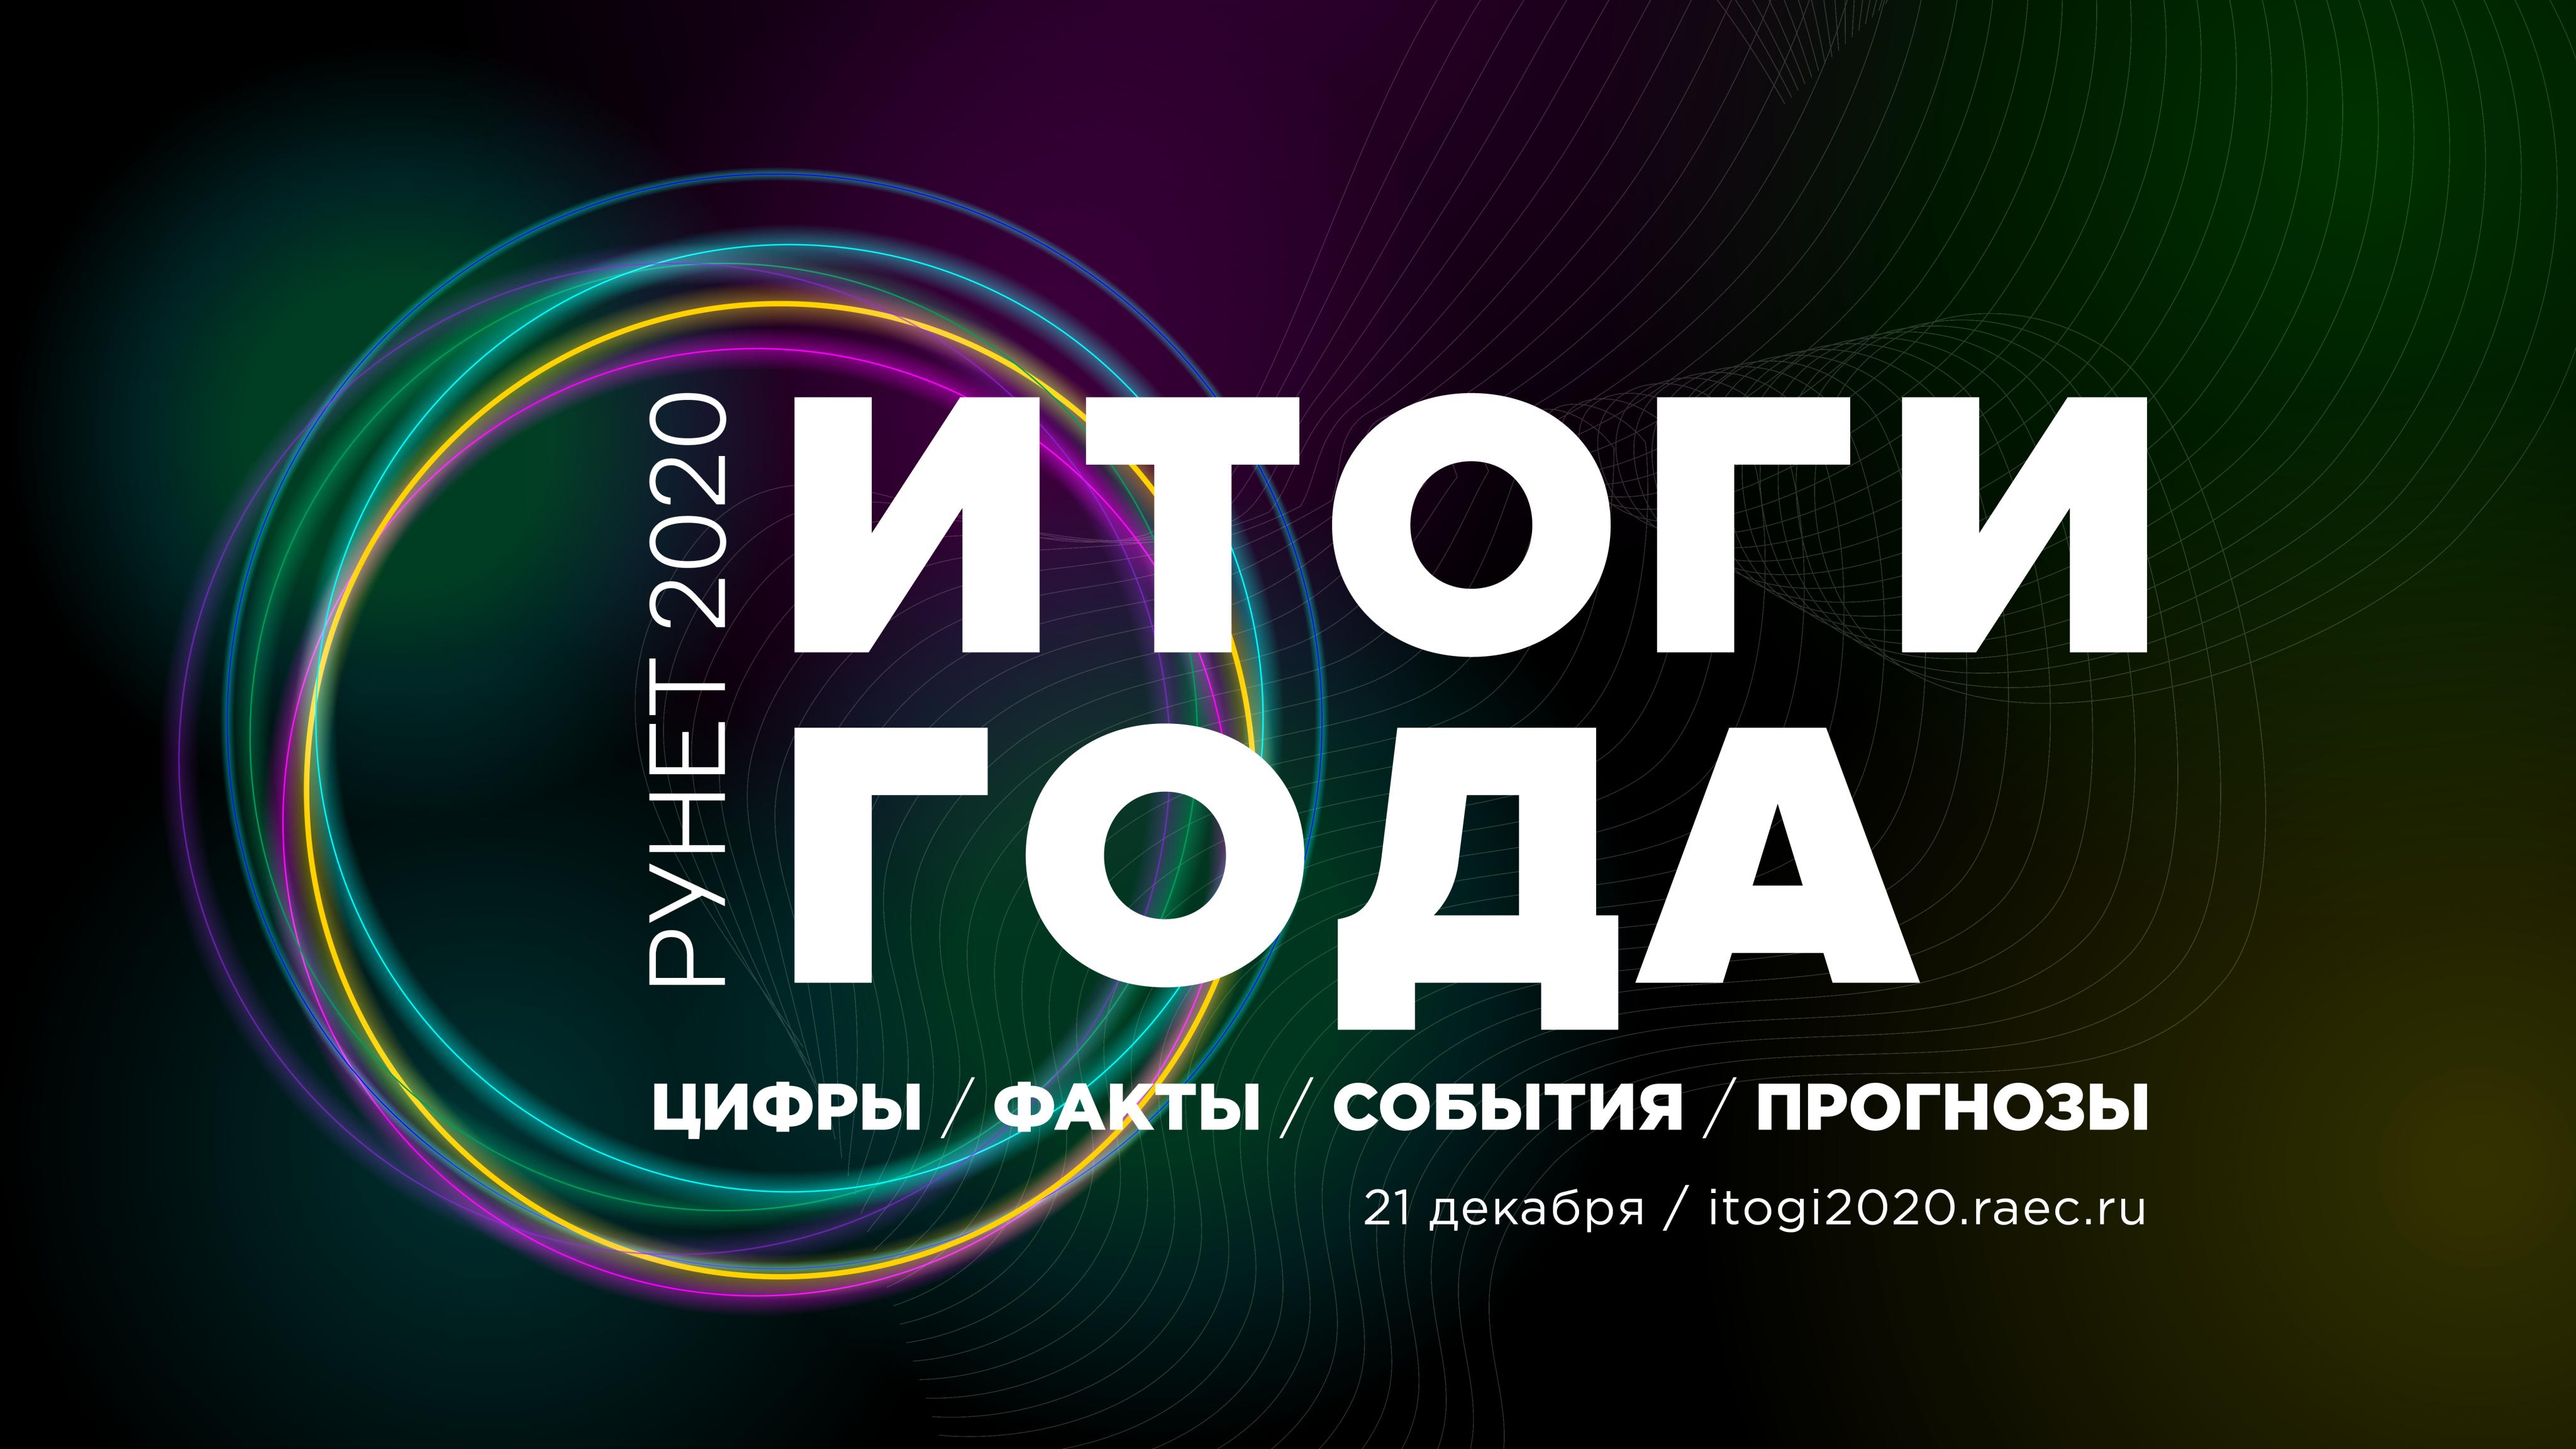 Эксперты подвели итоги года Рунета